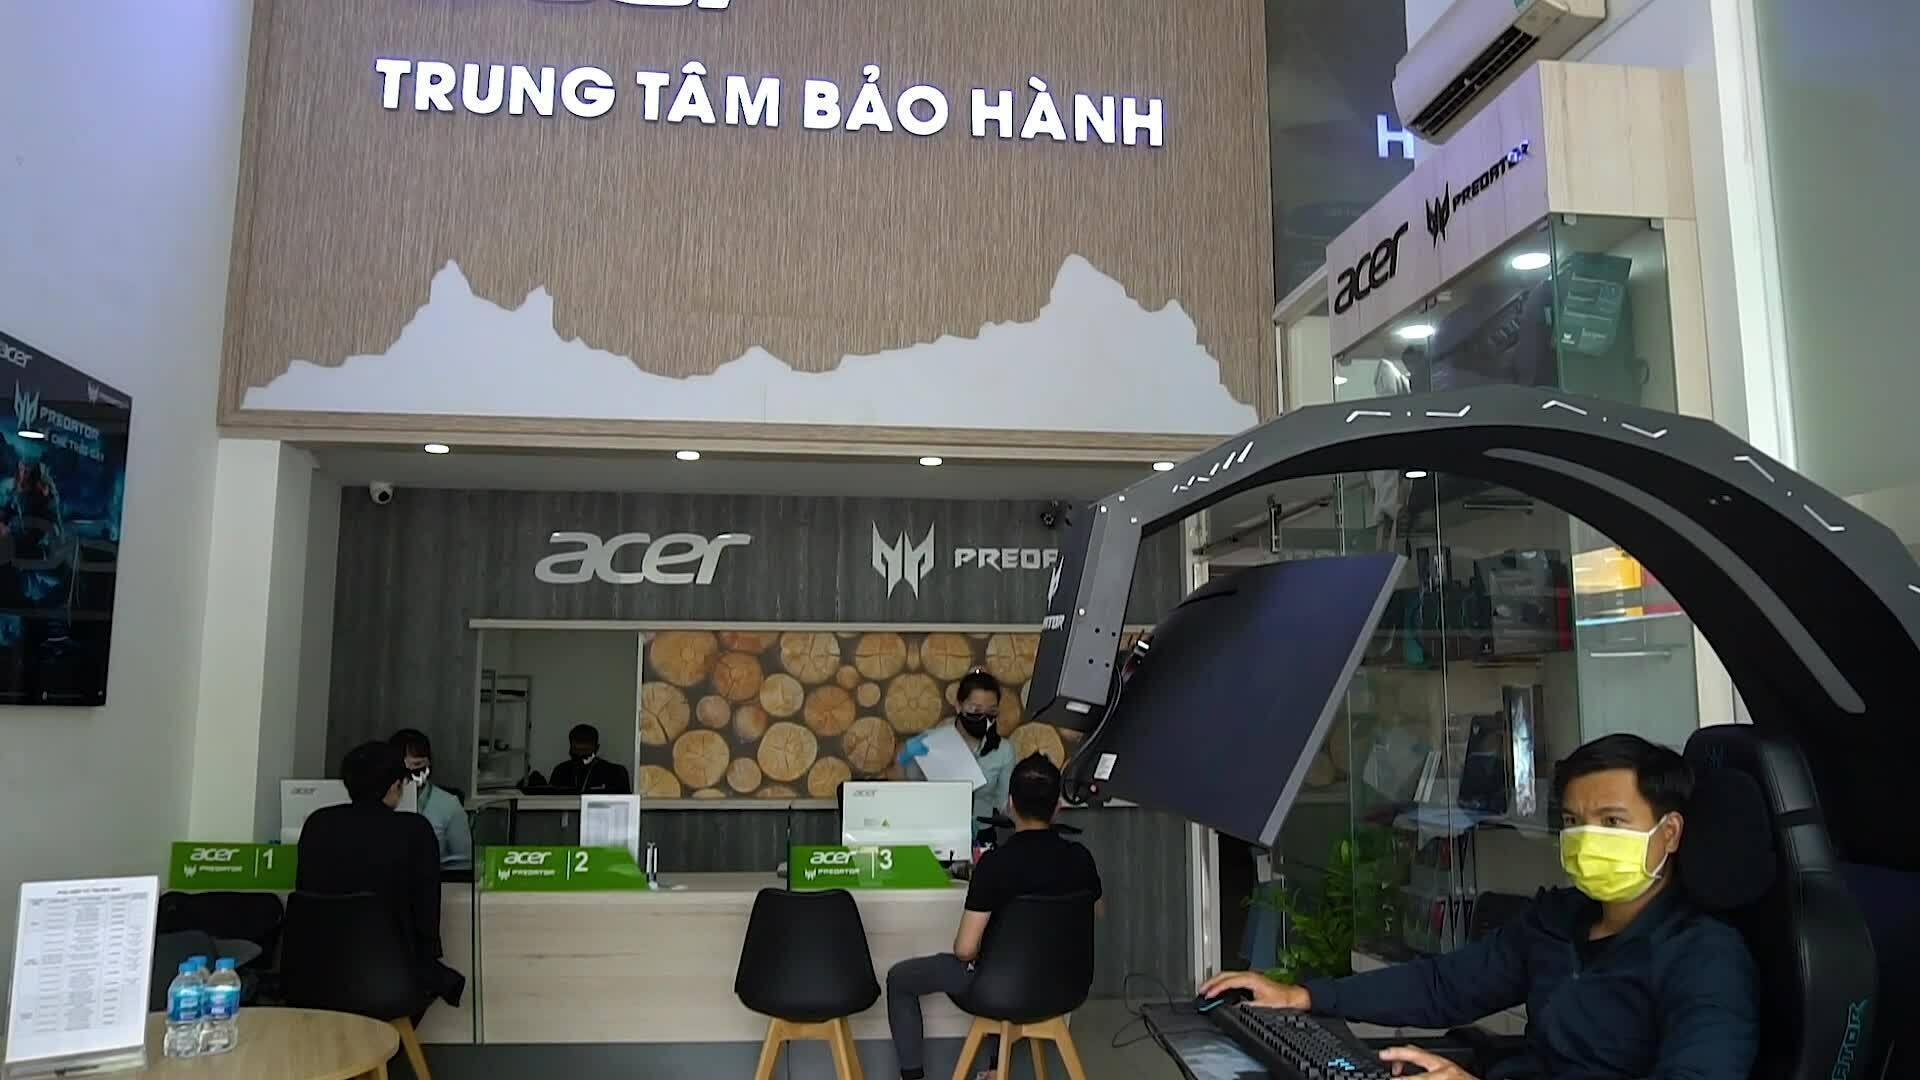 Trung tâm bảo hành Acer chủ động phòng chống Covid-19